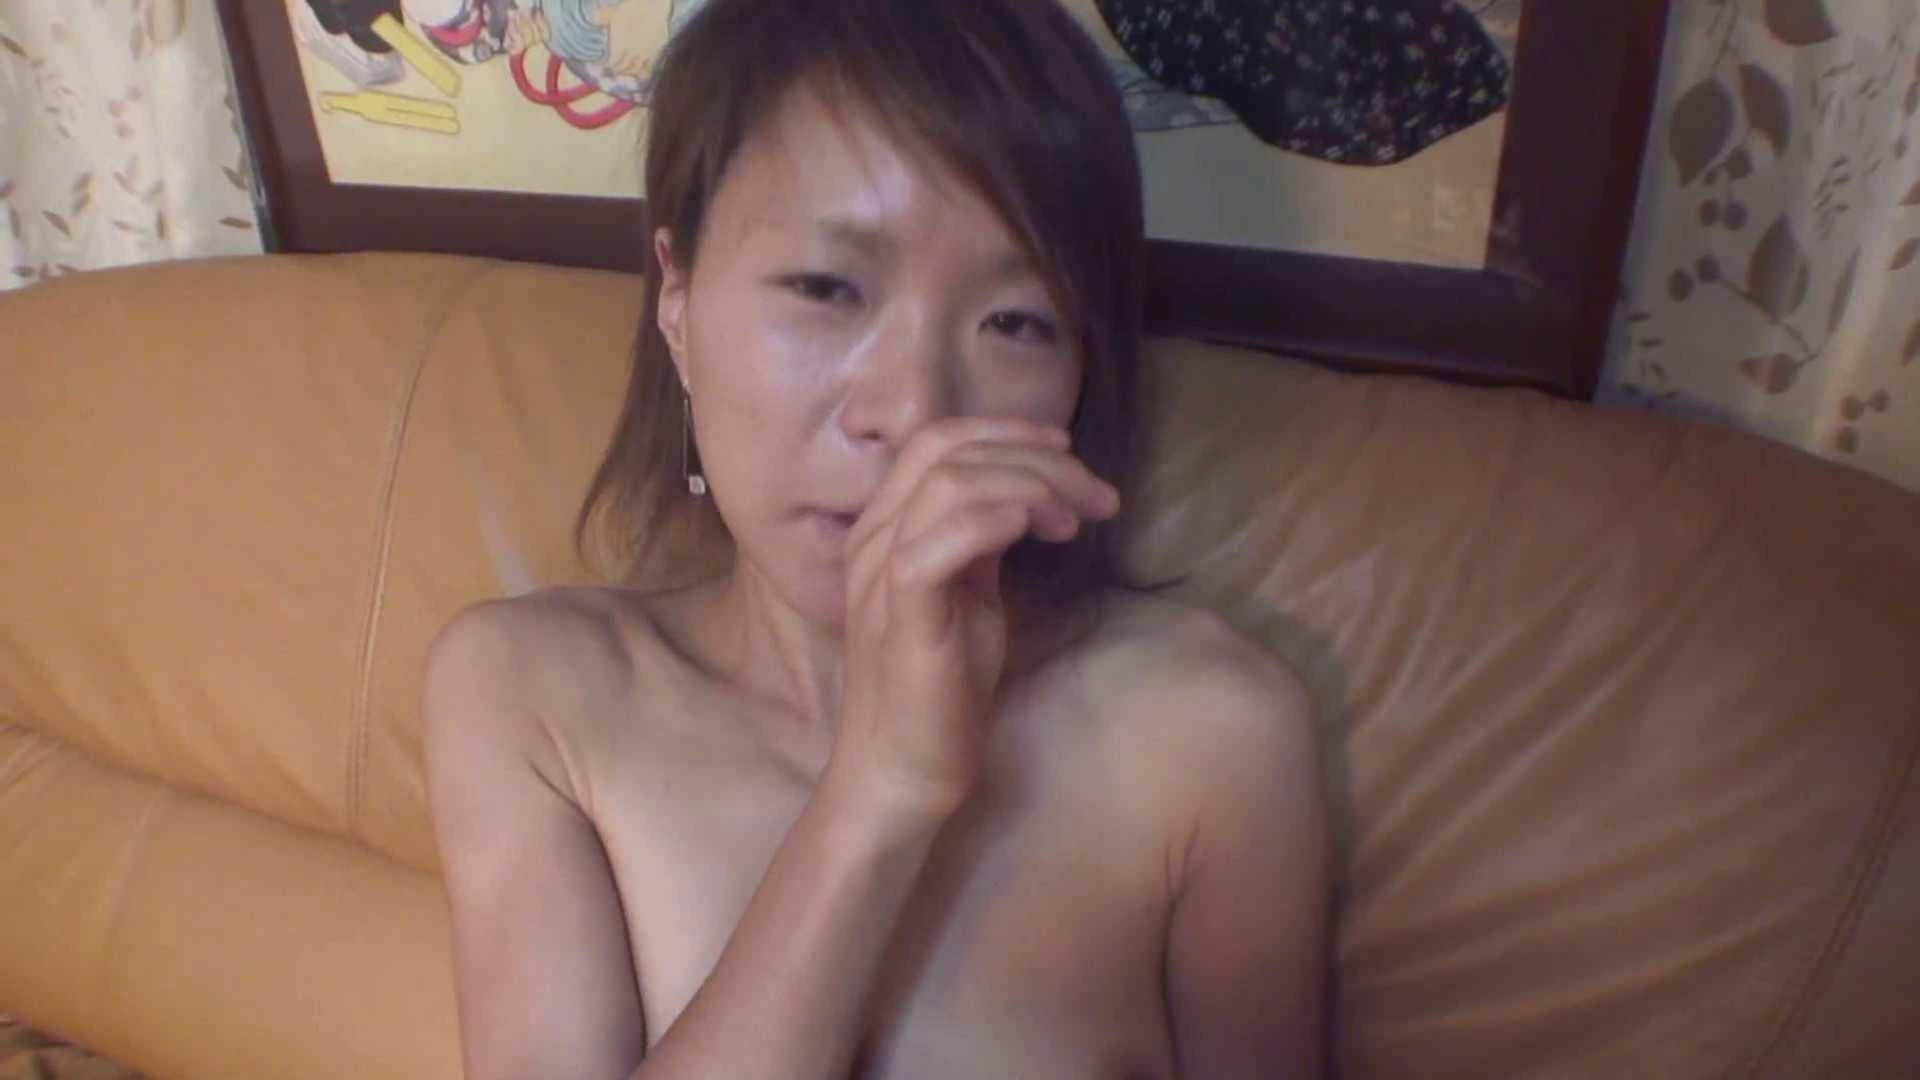 鬼才沖本監督作品 フェラしか出来ない女 フェラ | アナルDEセックス  34連発 9